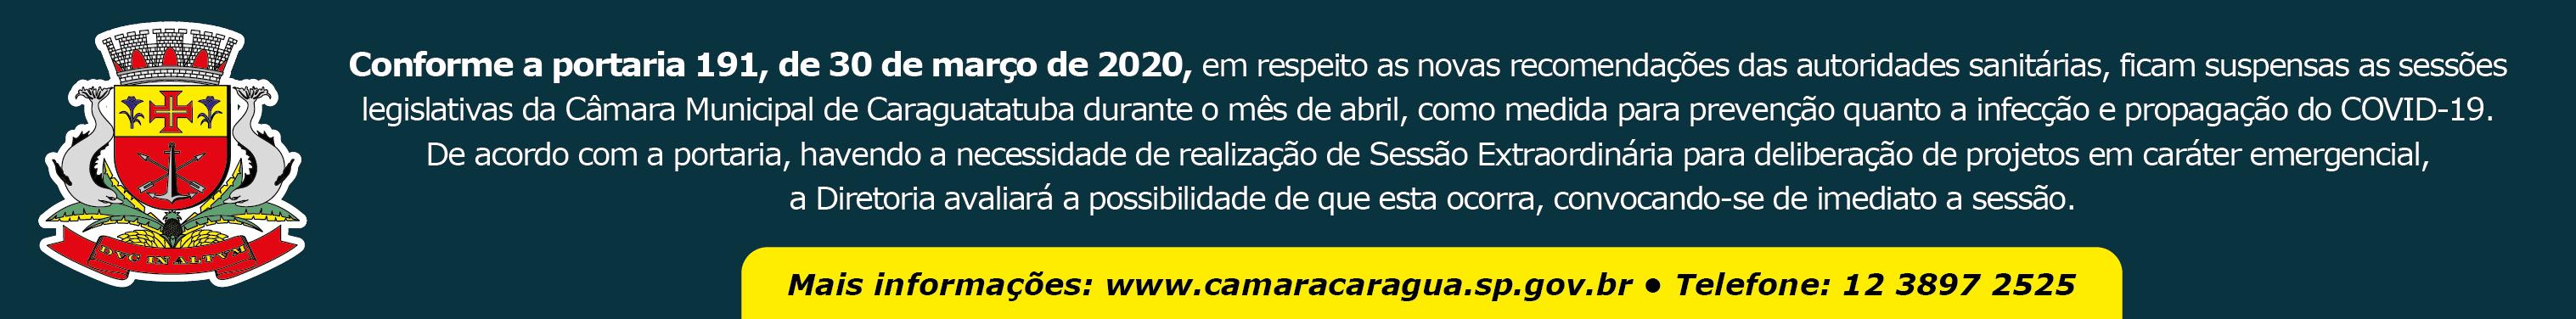 banner_camara_caragua_abr2020_1.png